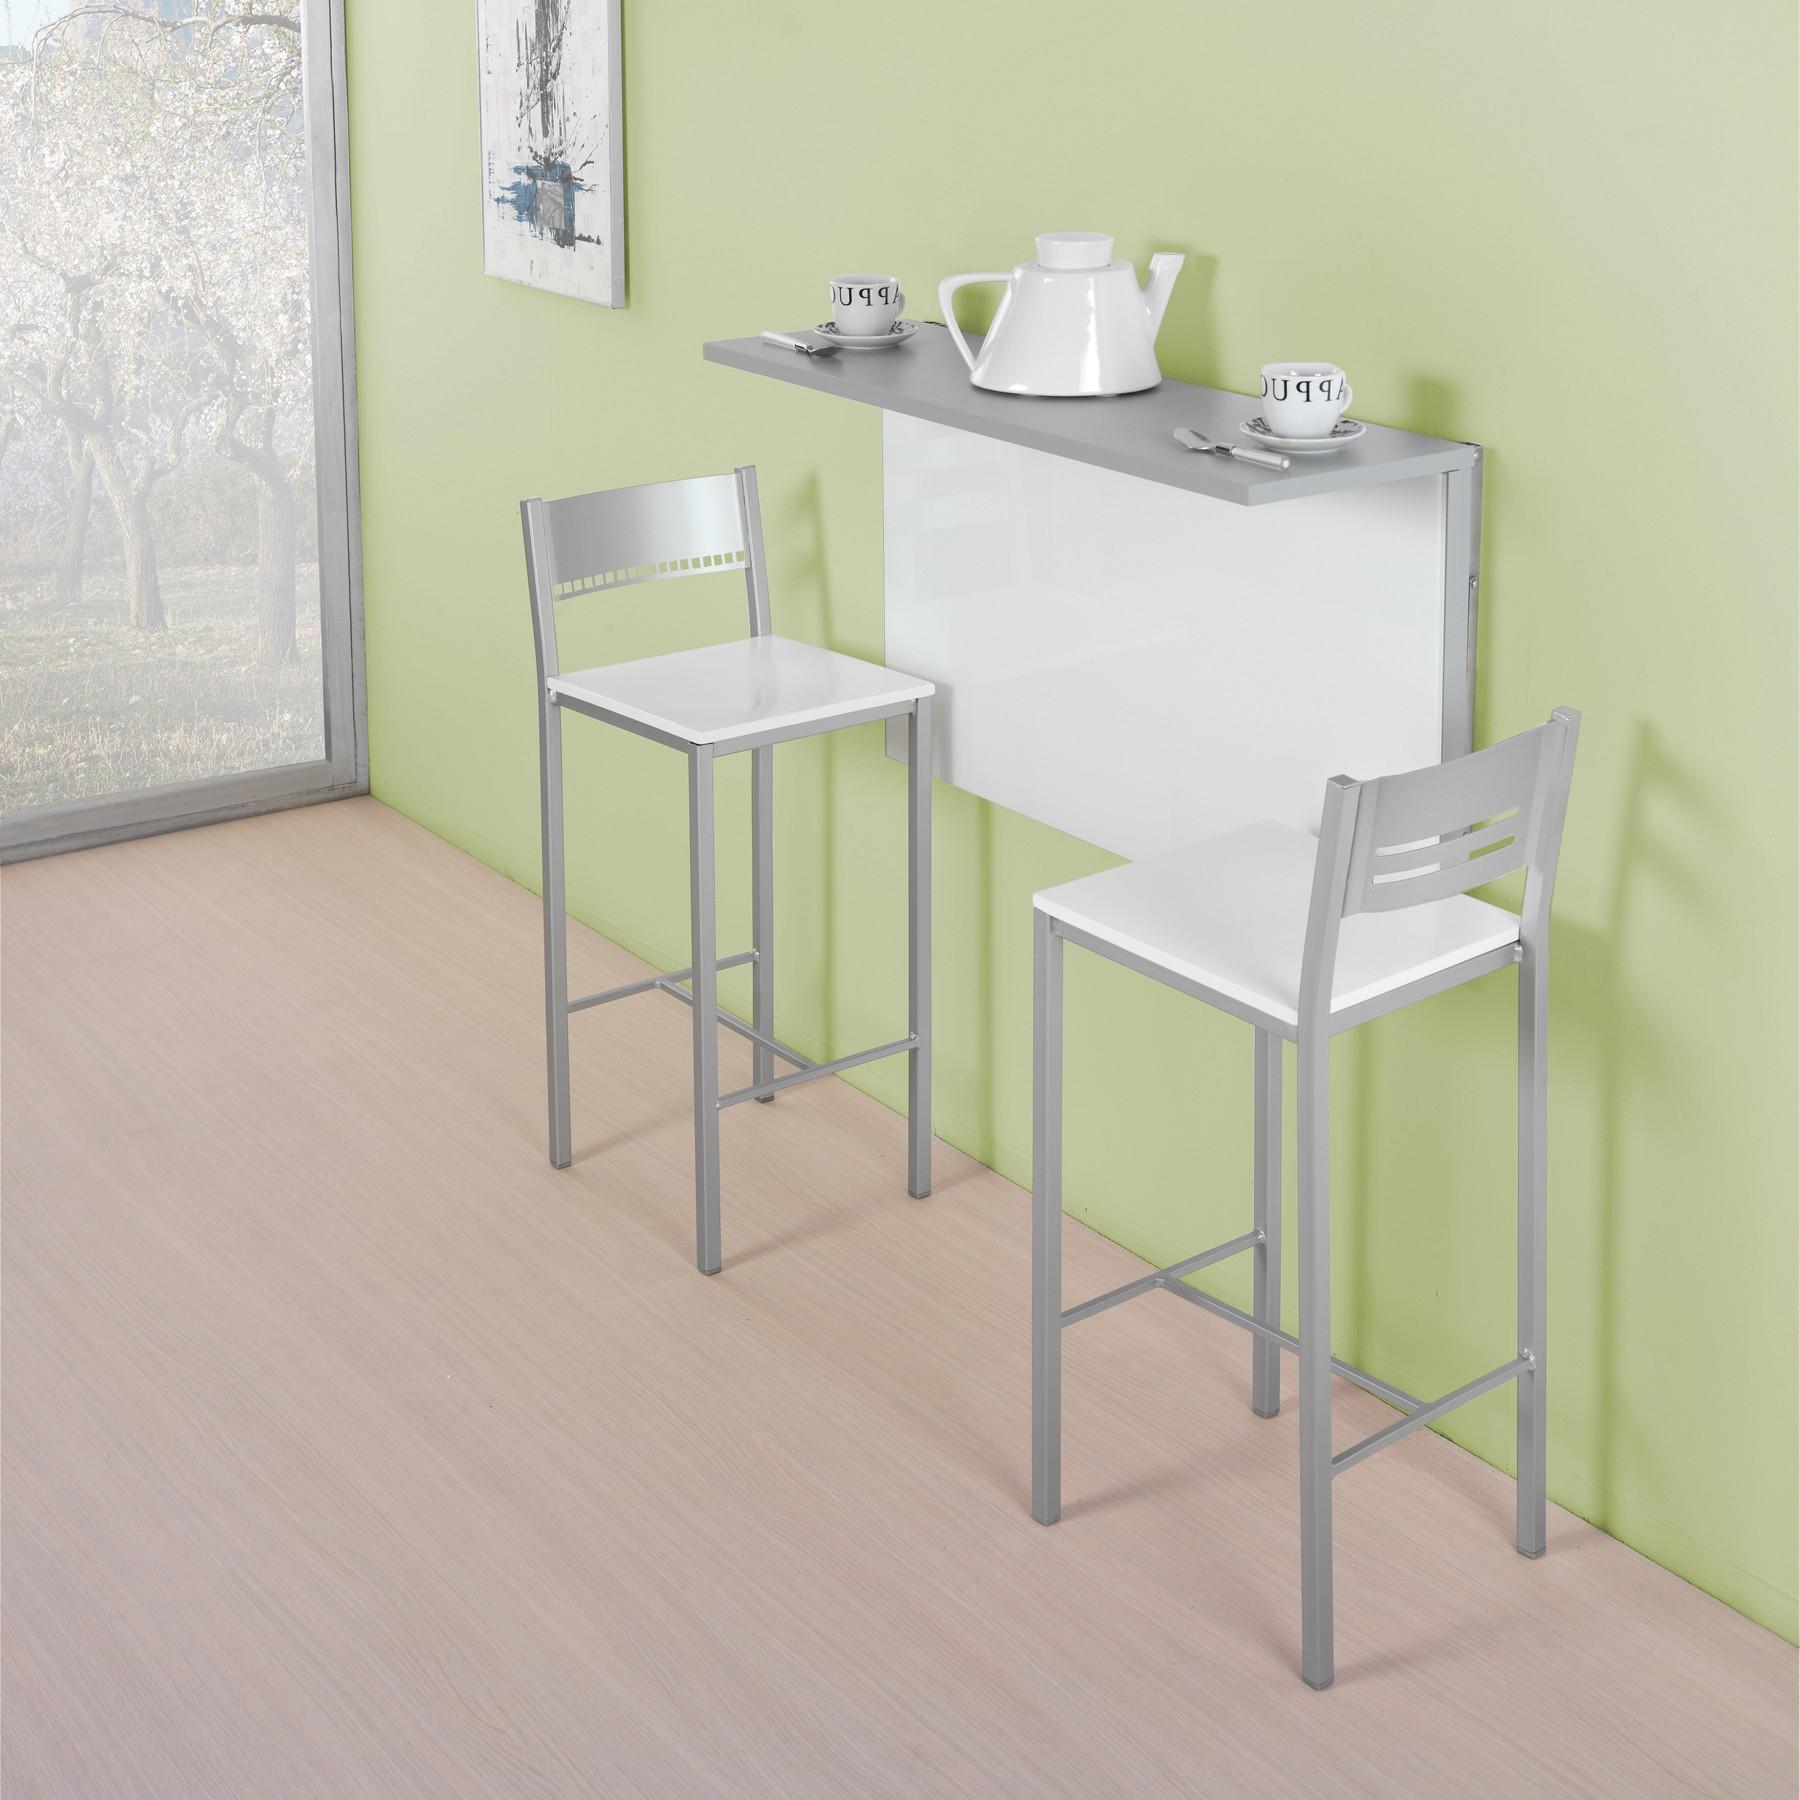 Mesas De Cocina Abatibles Y7du Mesa De Pared Abatible Para Cocina Modelo E